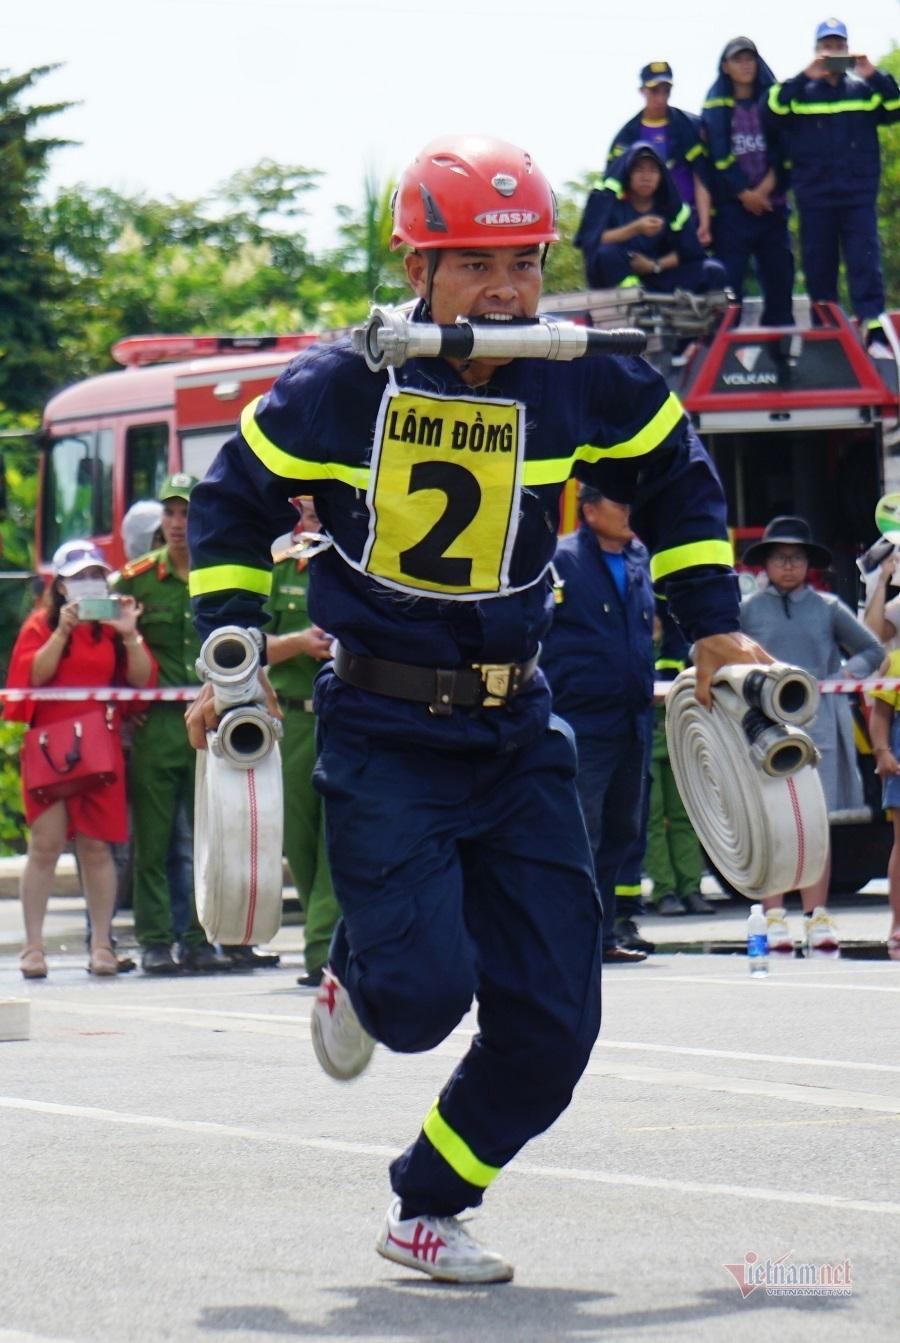 Lính cứu hỏa trổ tài trèo tường, vượt rào, dập lửa cứu người